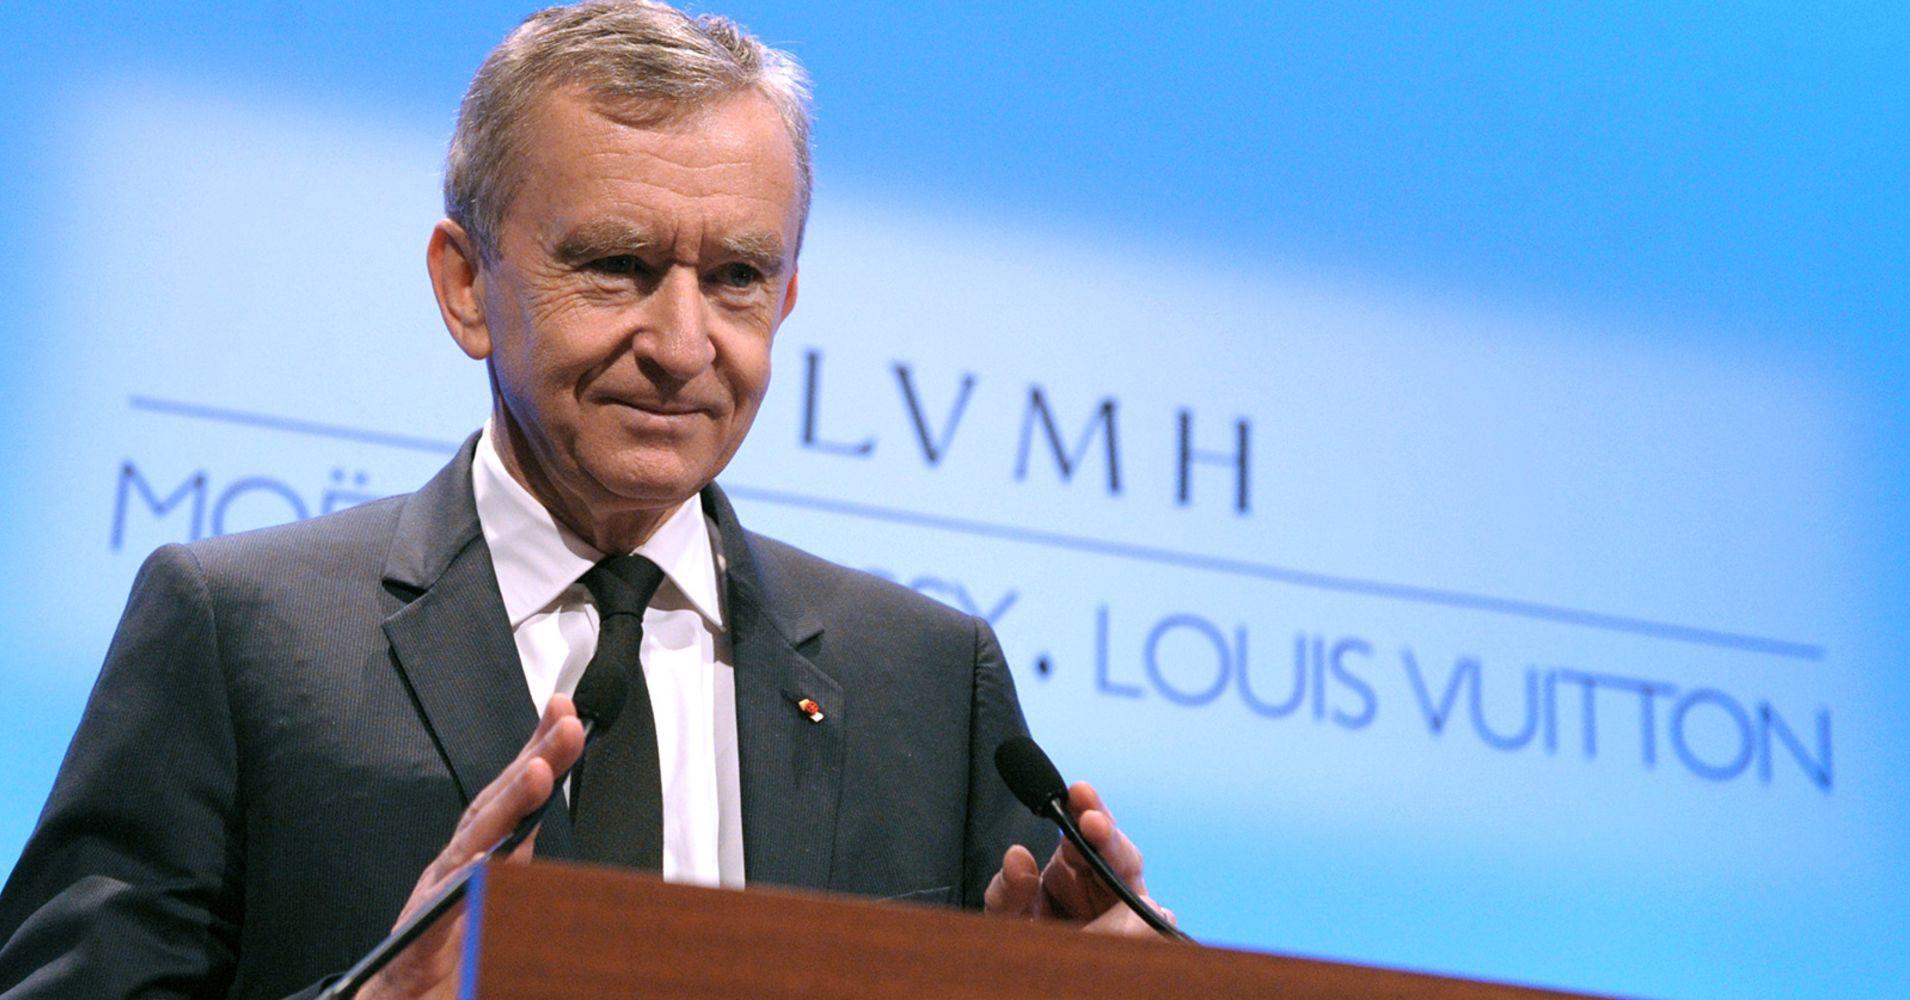 Bernard Arnault, LVMH